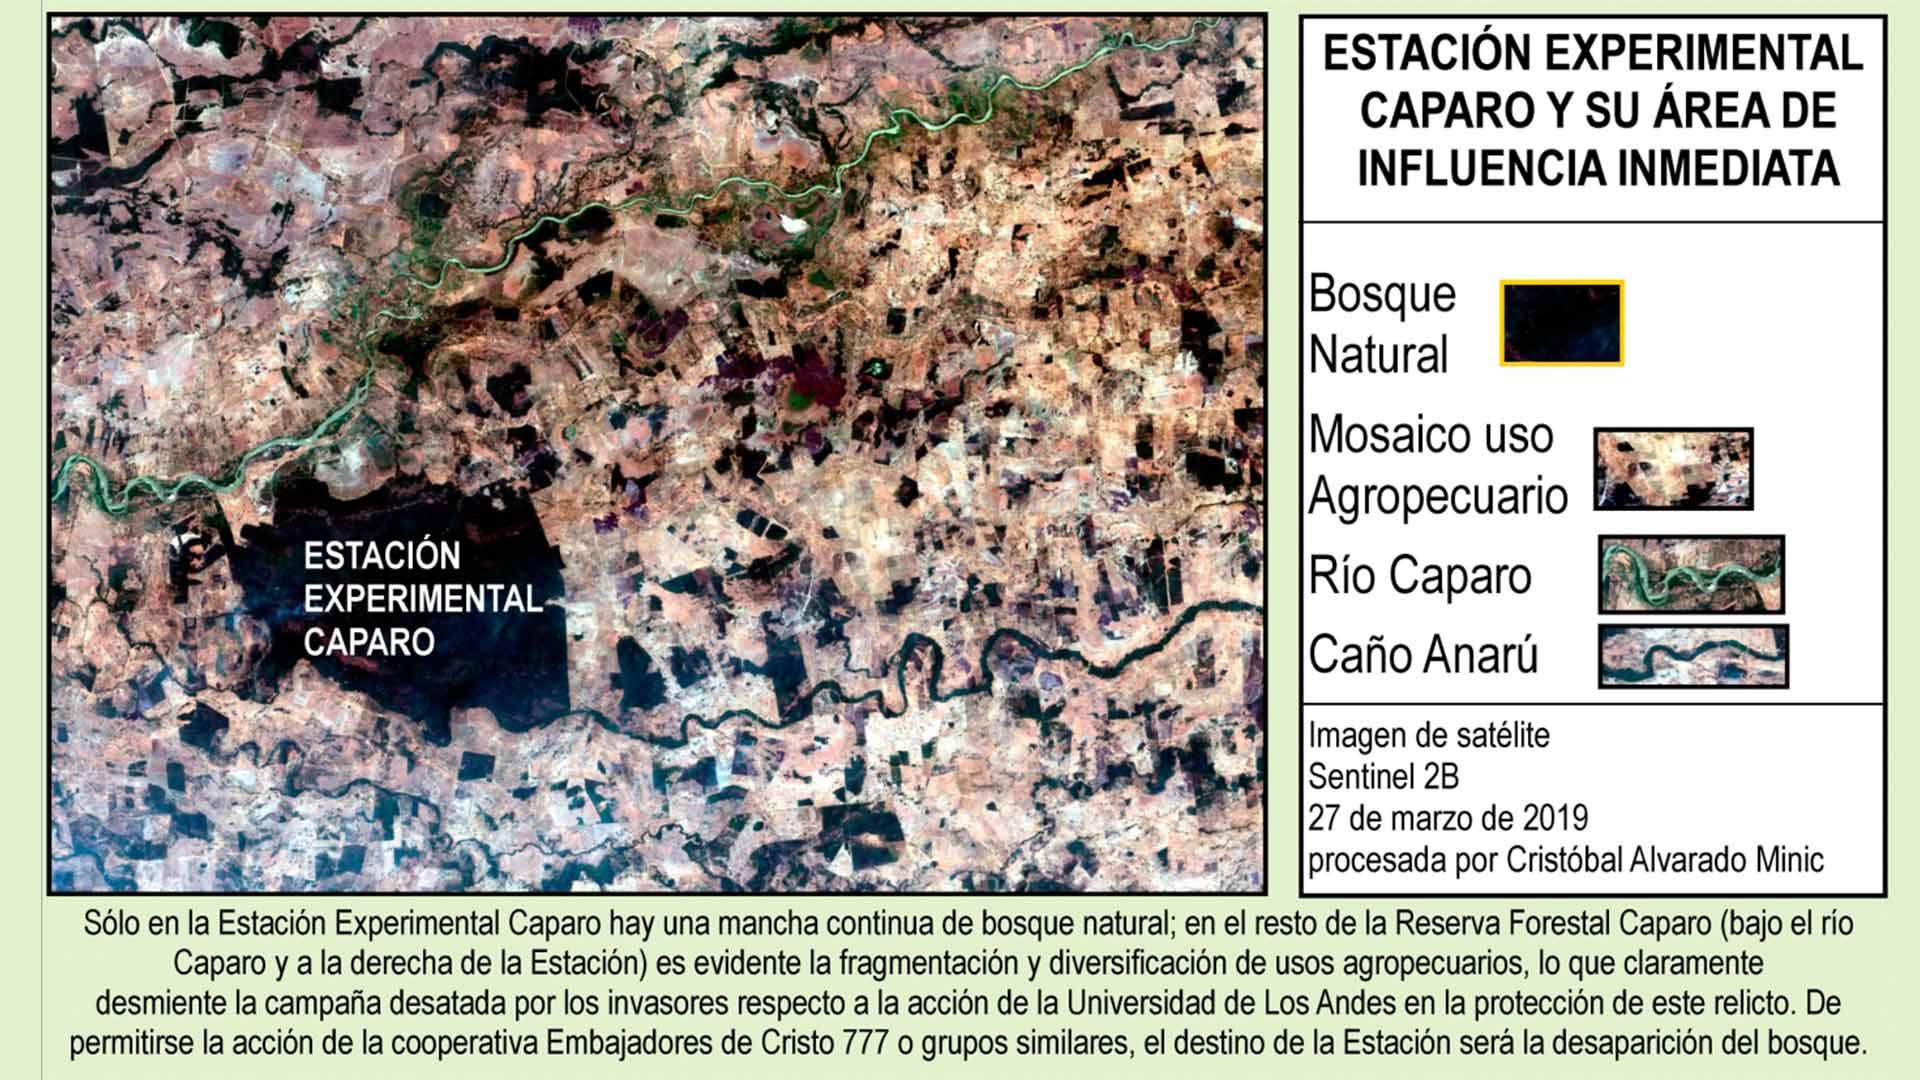 Area de influencia de la reserva forestal caparo